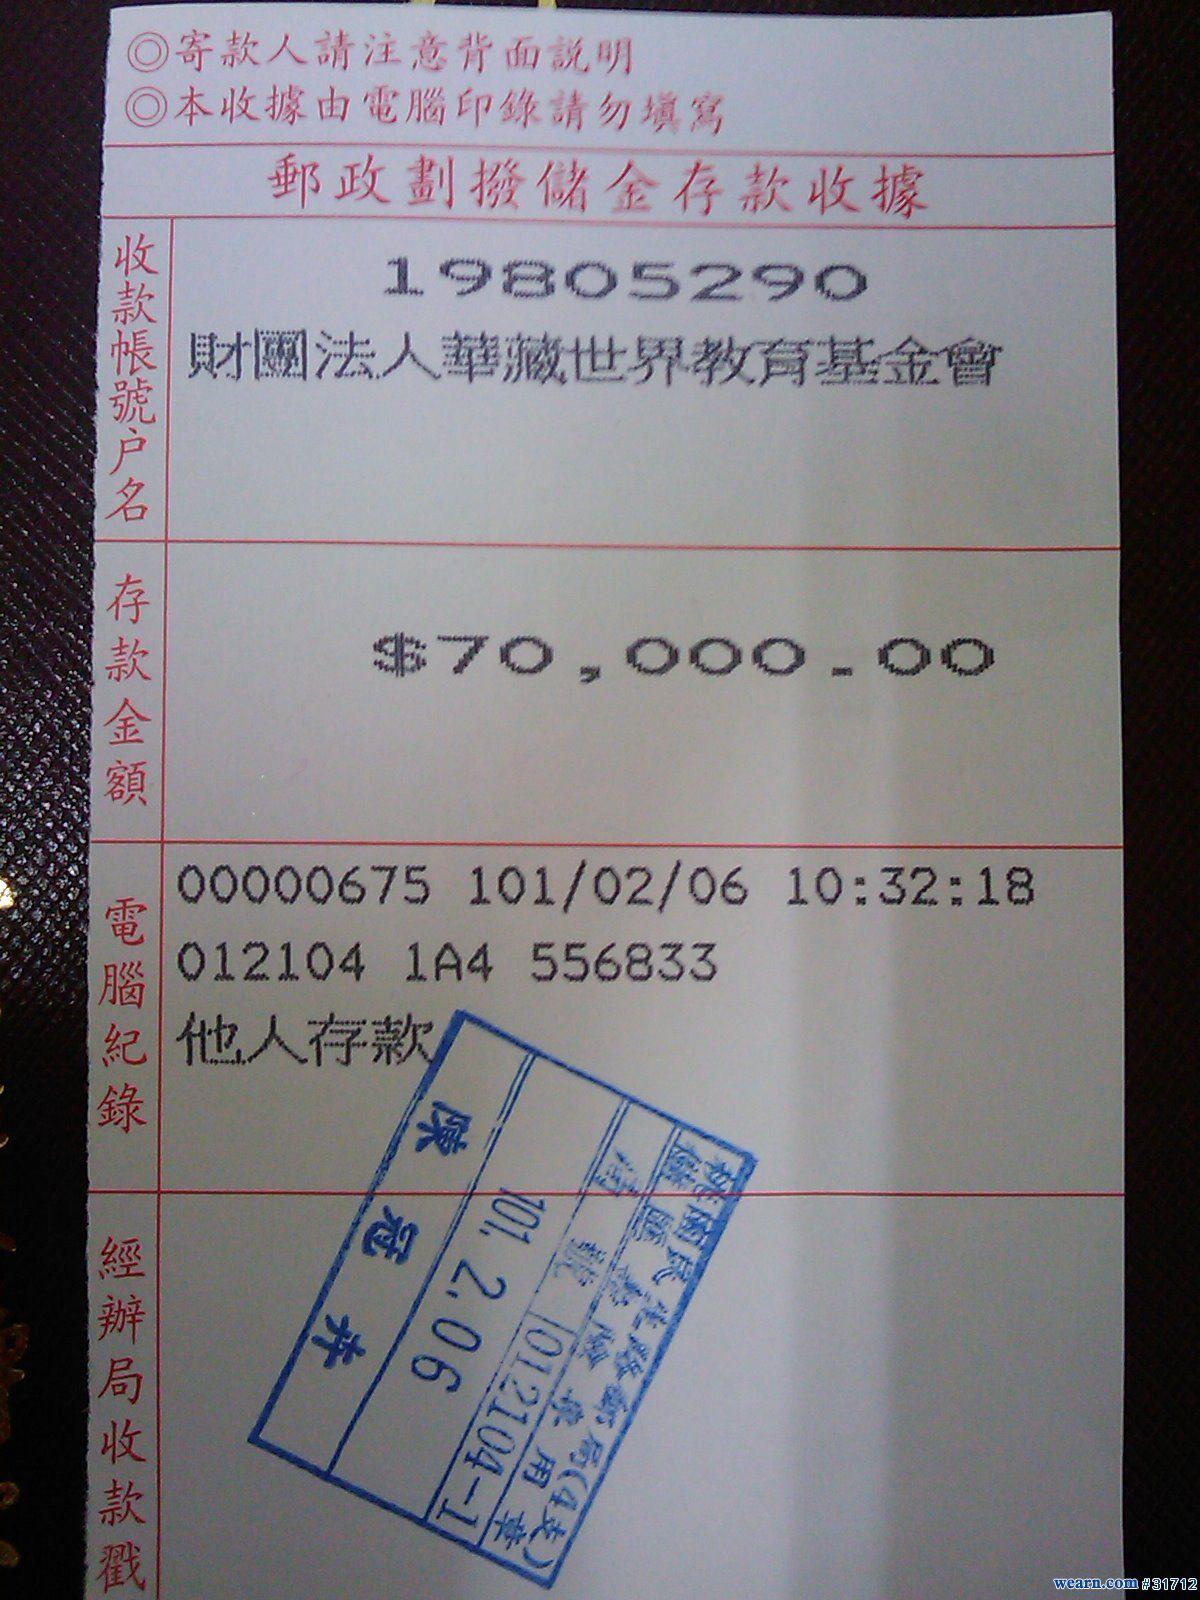 祥龍獻瑞慶元宵   滿手飆股樂開懷_04